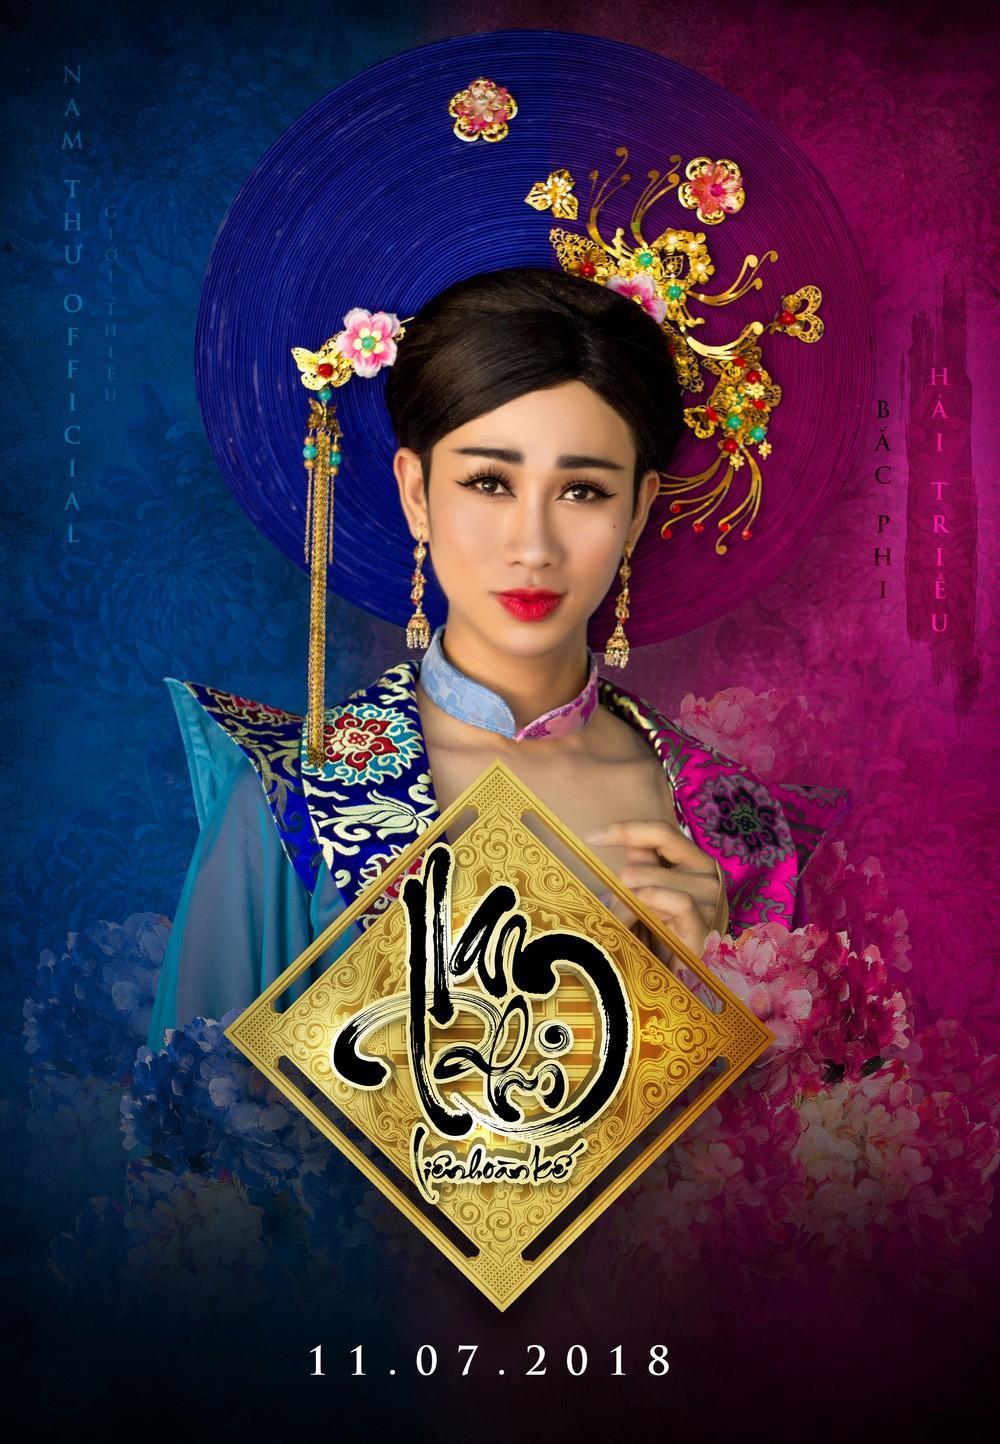 Kiều nữ làng hài Nam Thư chơi liều làm phim cổ trang hậu cung đấu đá  - Ảnh 4.